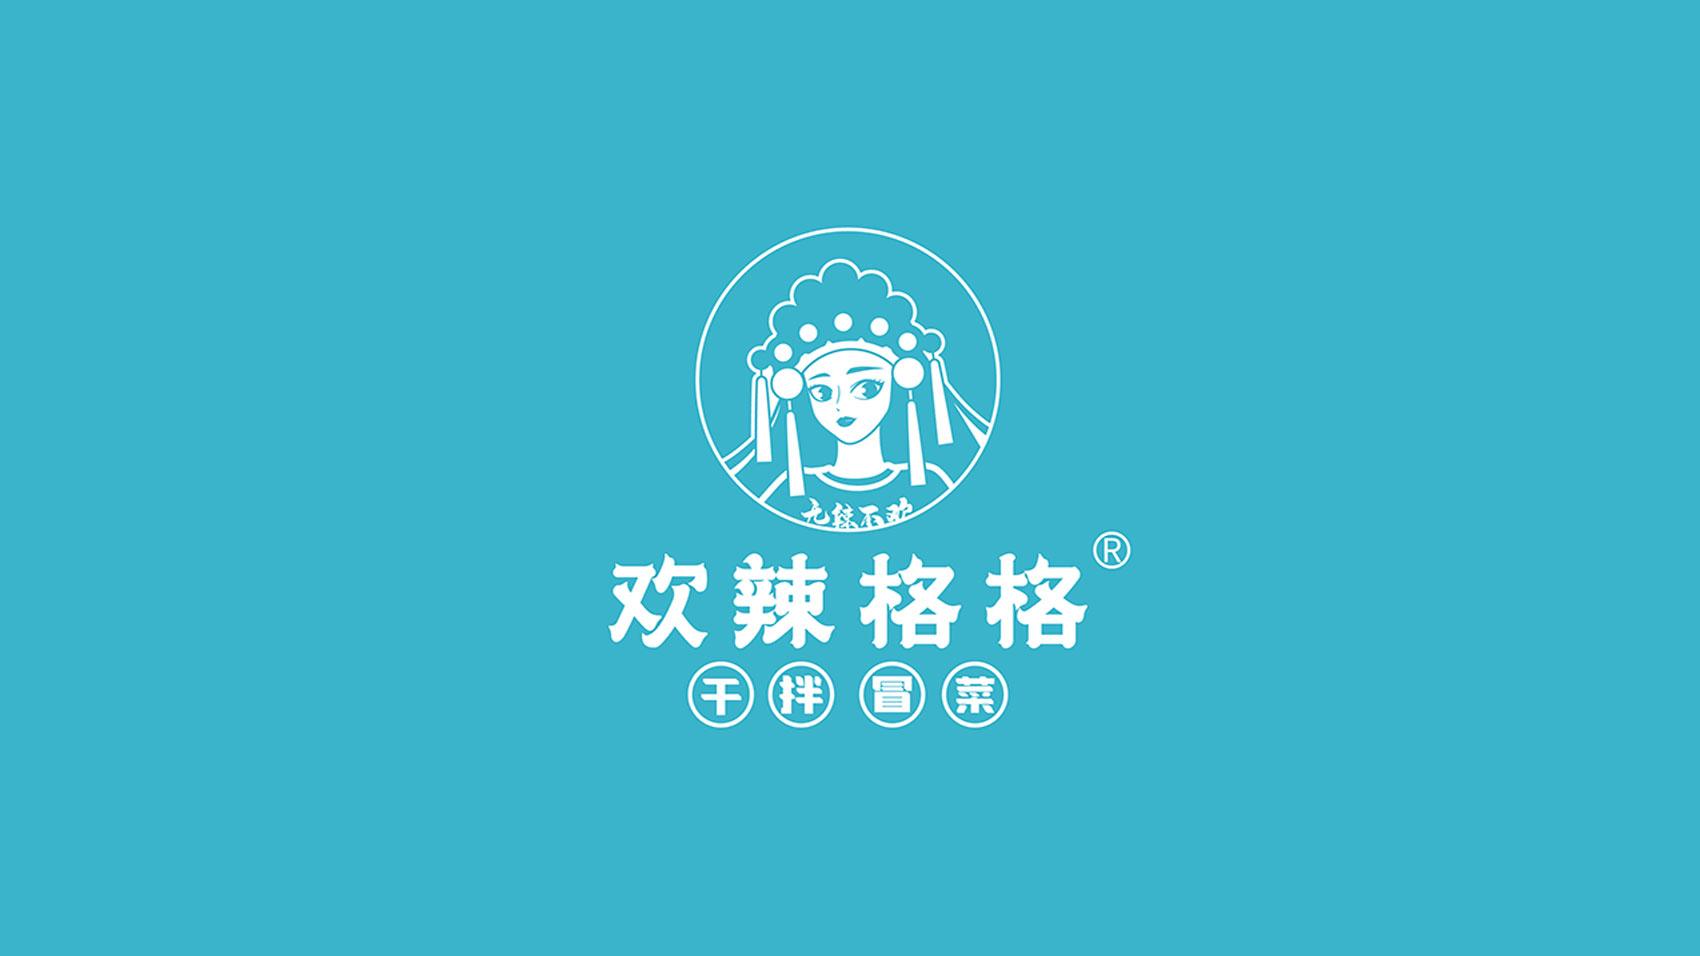 餐饮品牌VI形象设计—欢辣格格干拌冒菜品牌VI设计